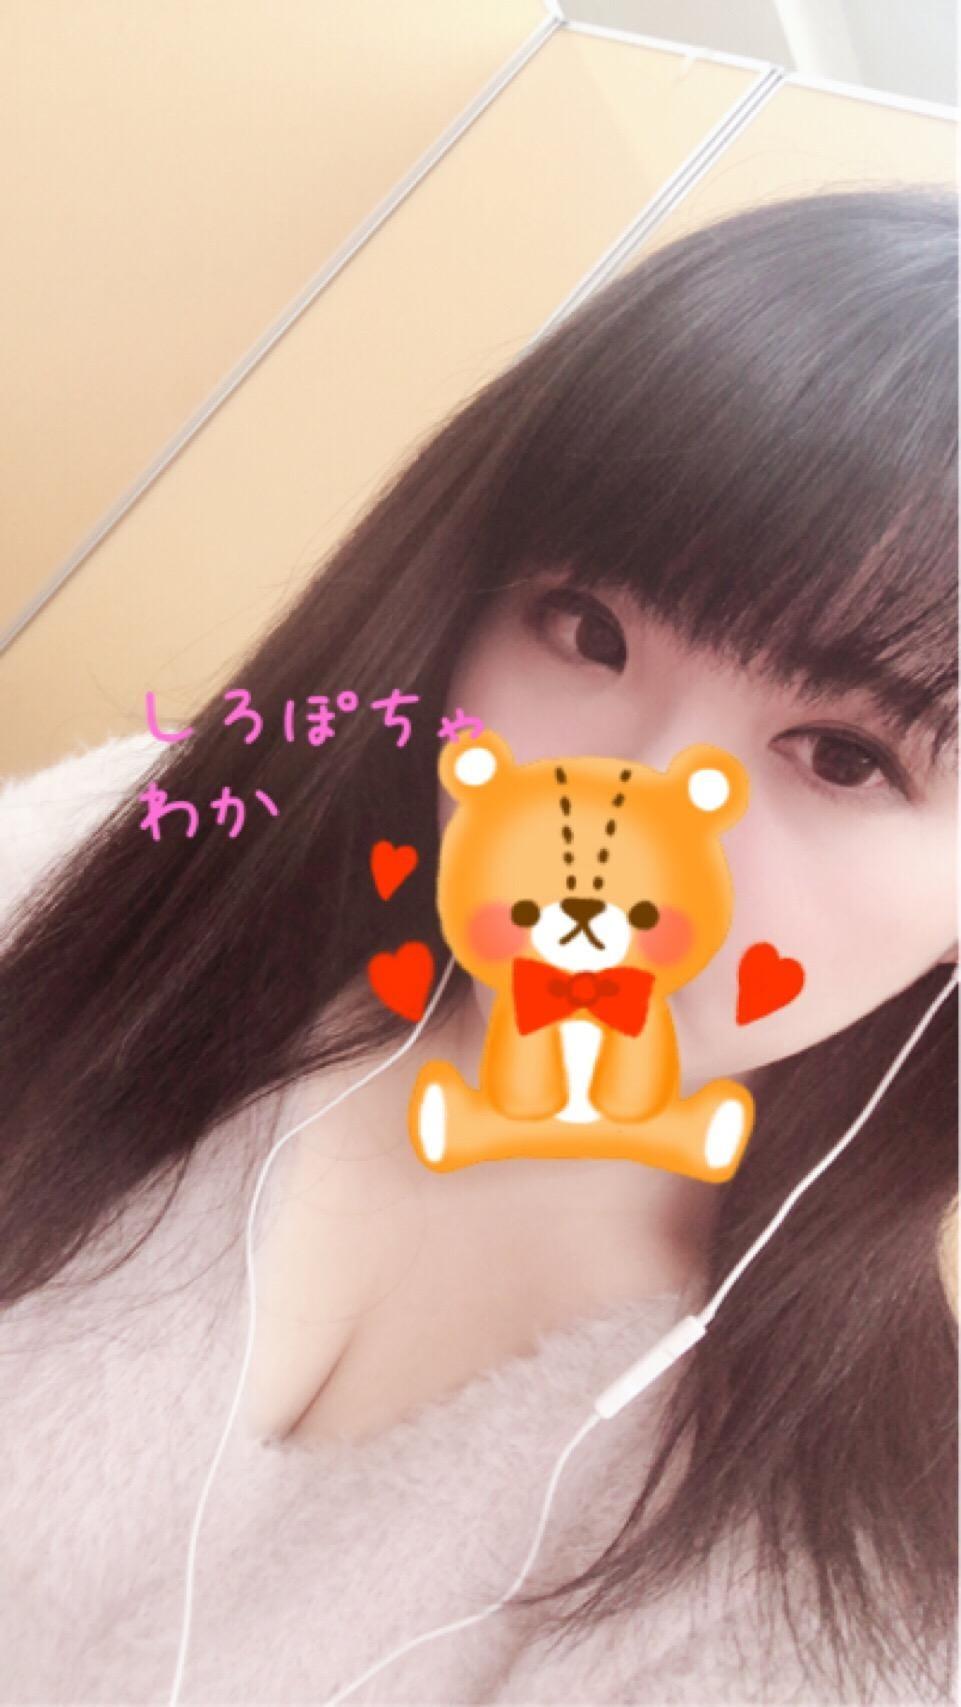 「おはよ(n´v`n)」01/30(水) 10:47 | わかの写メ・風俗動画